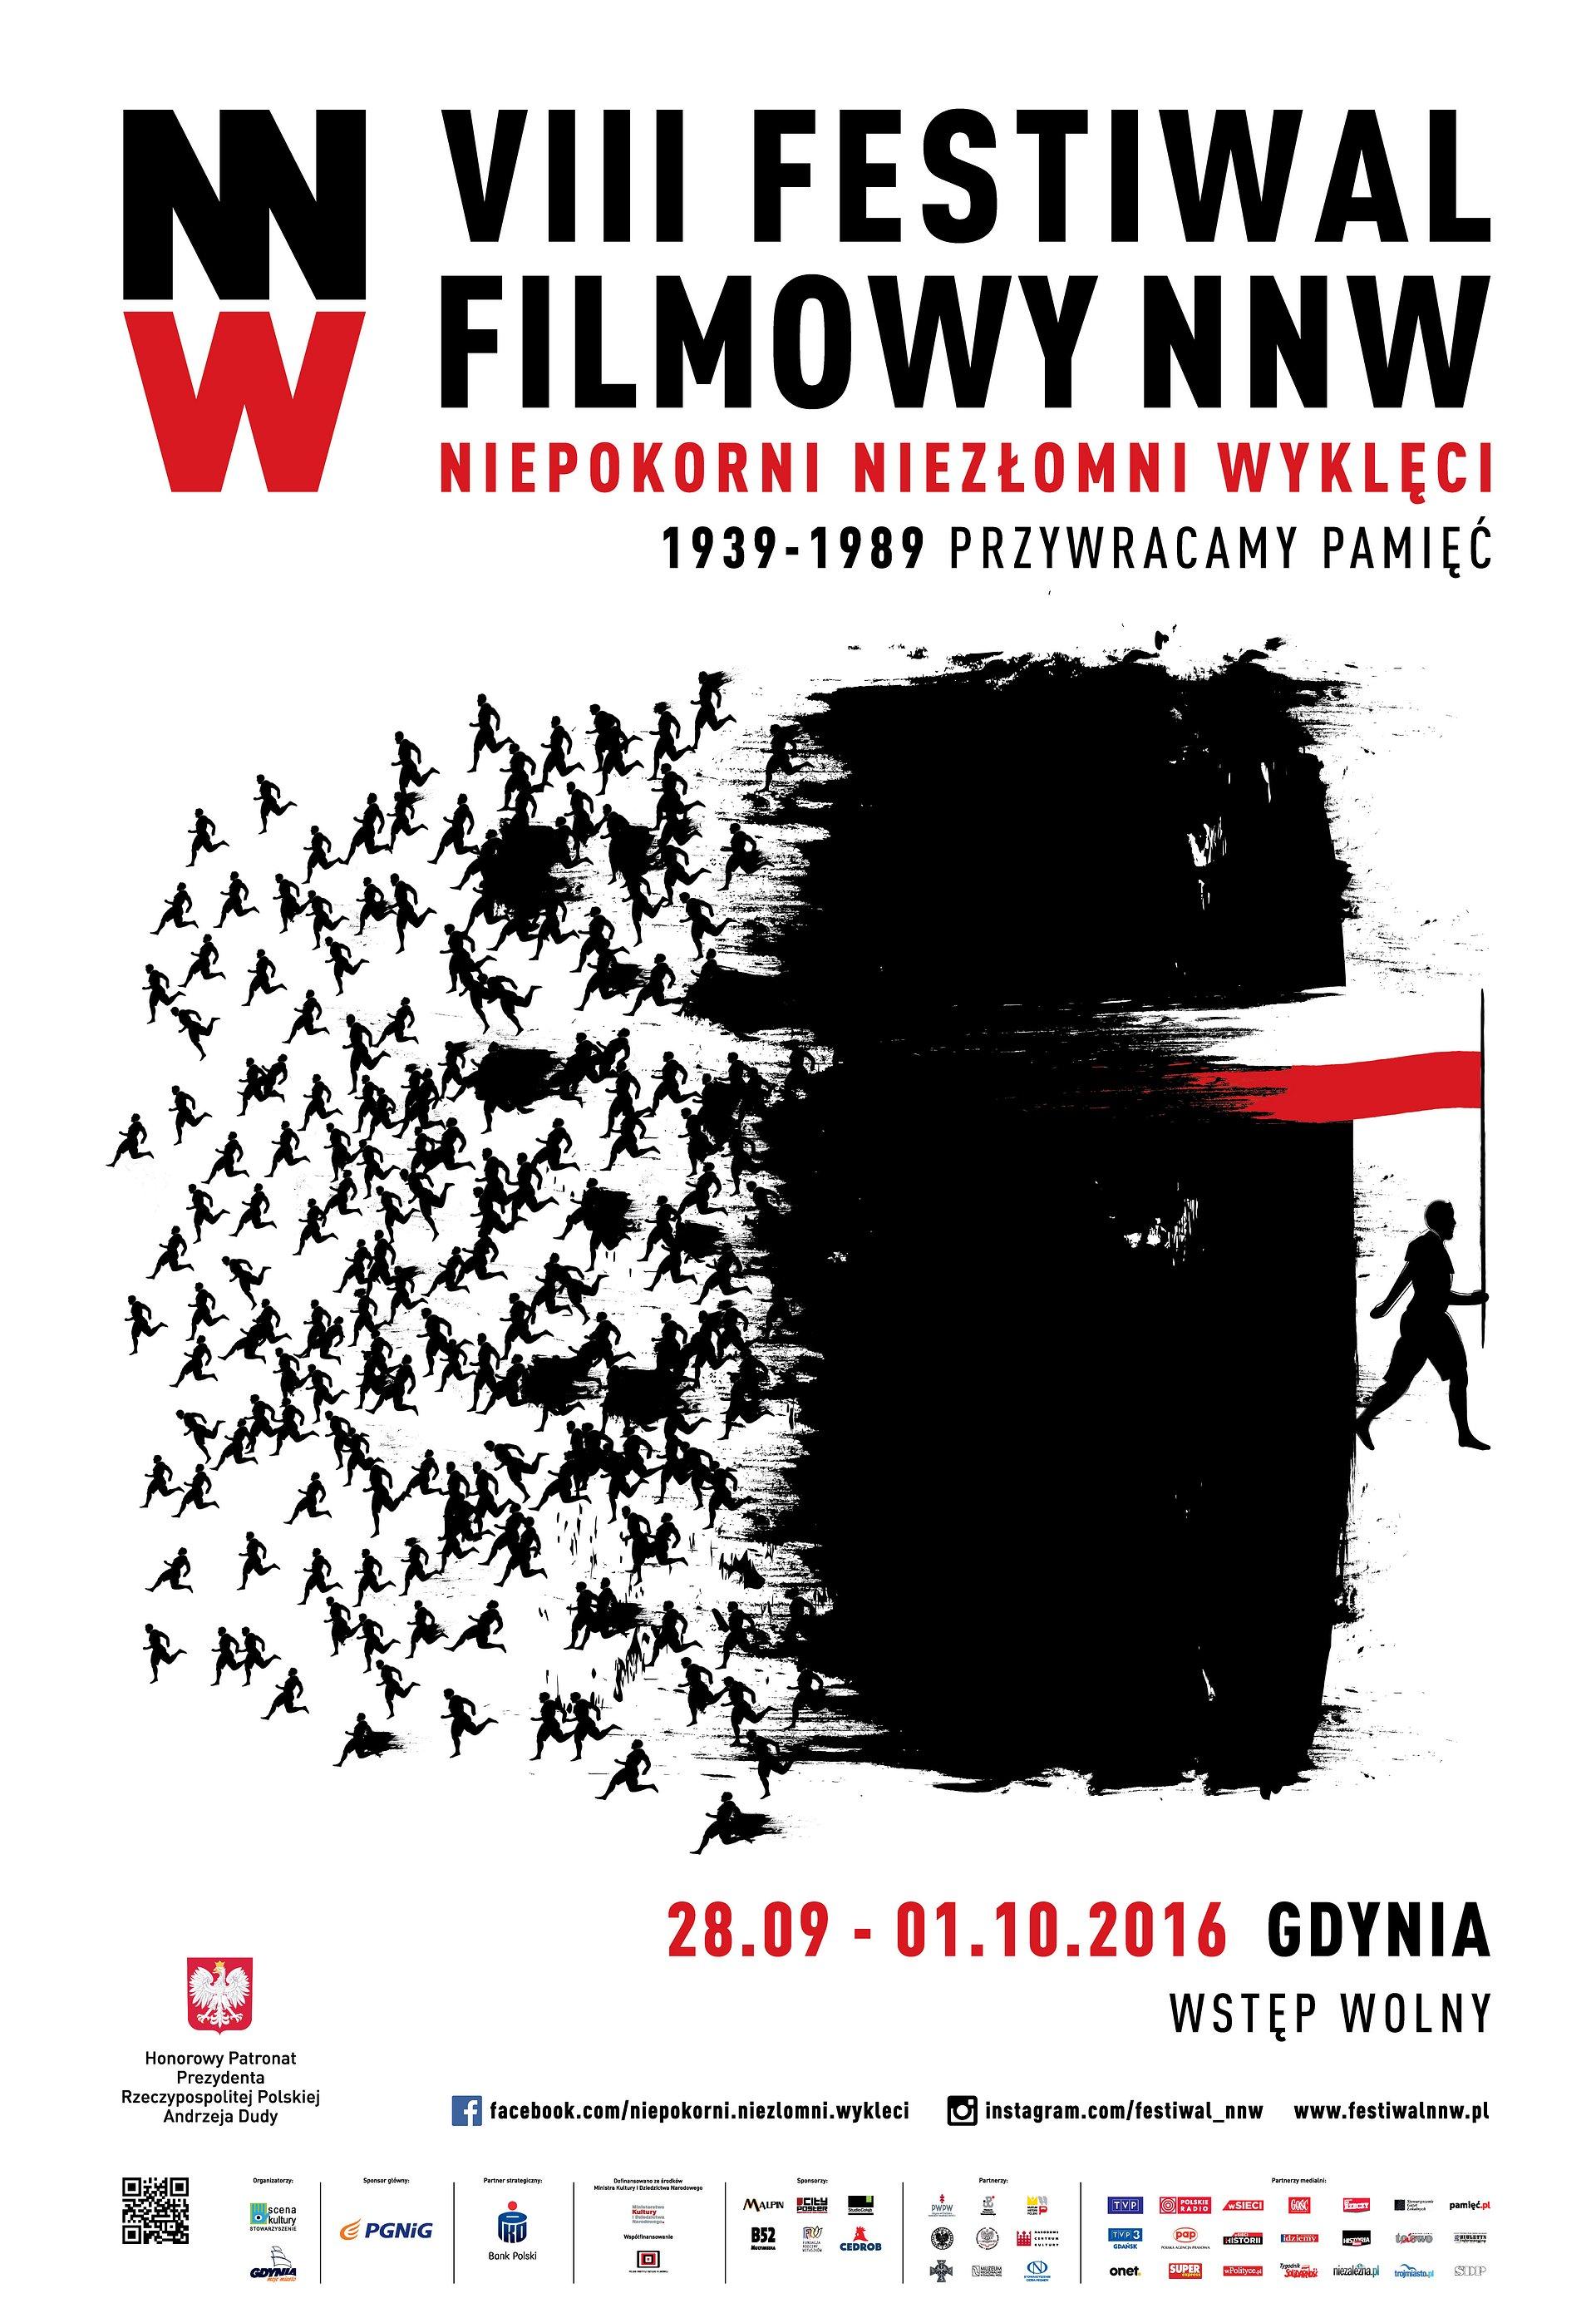 """VIII Festiwal Filmowy NNW """"Niepokorni, Niezłomni, Wyklęci"""" z PKO Bankiem Polskim"""